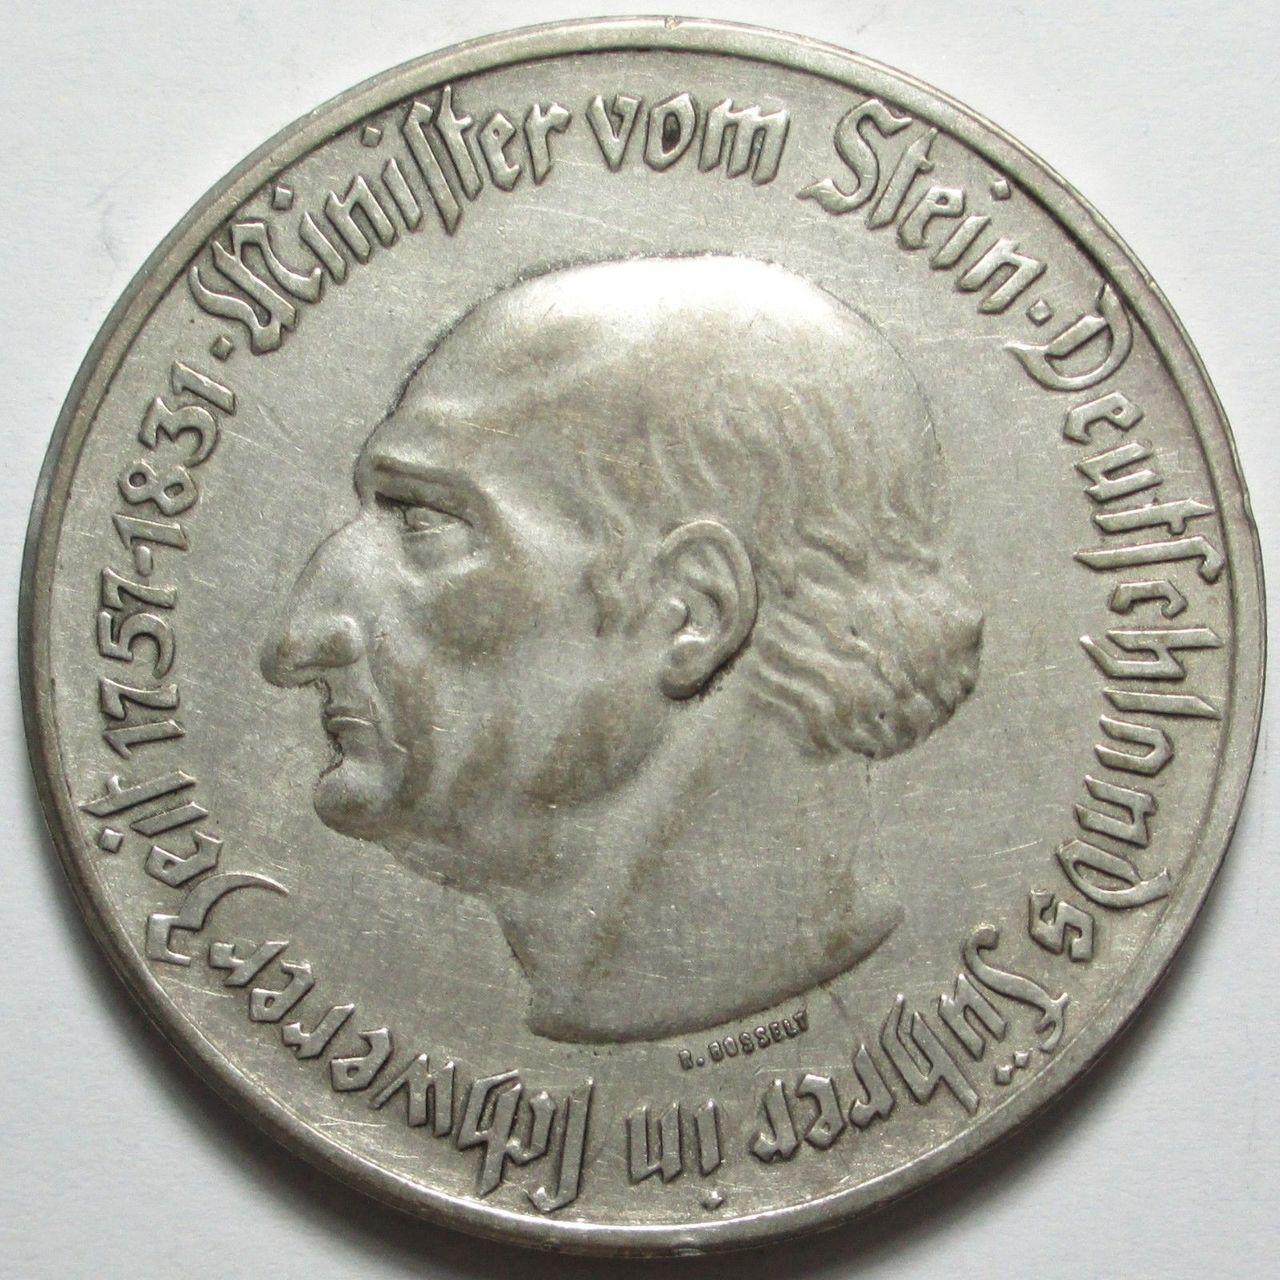 Monedas de emergencia emitidas por el banco regional de Westphalia N29b